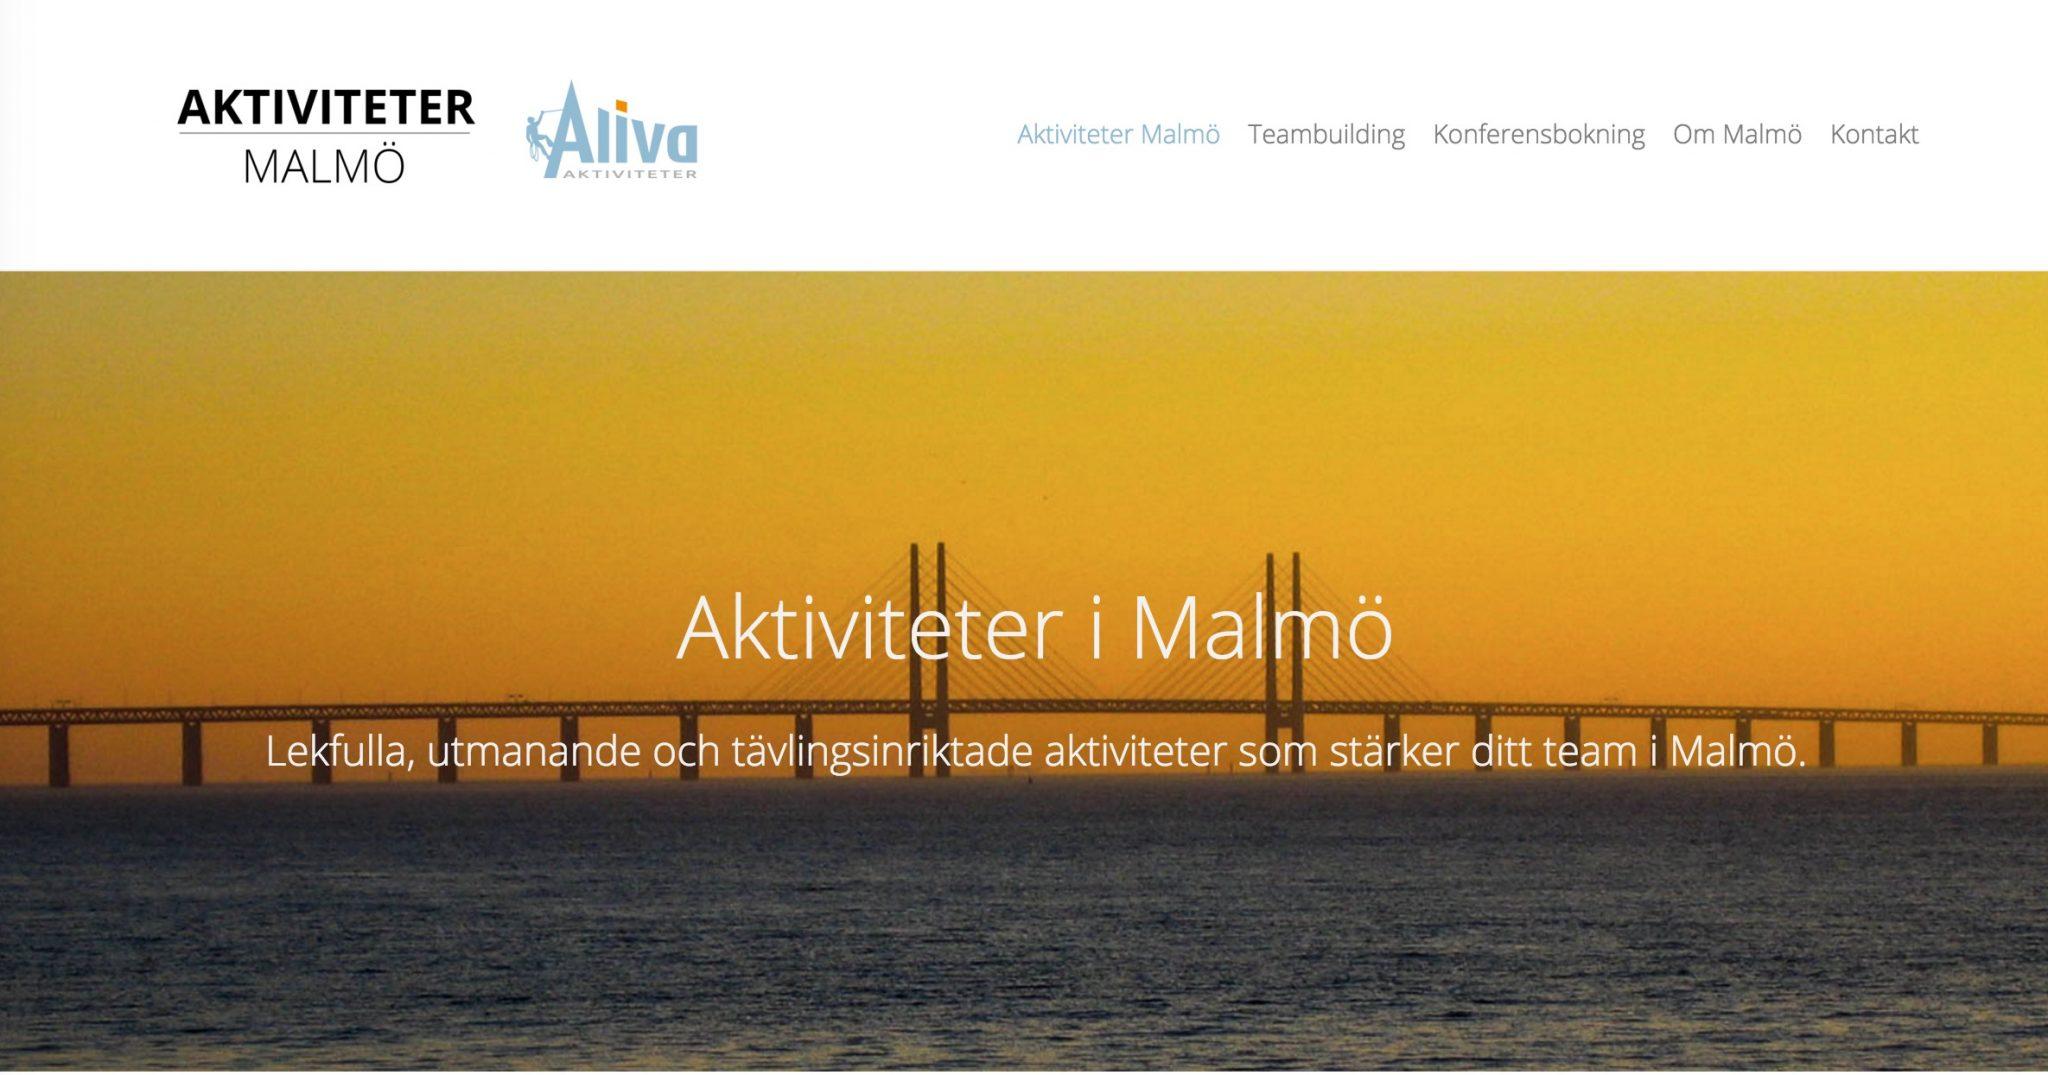 Malmö företag aktiviteter